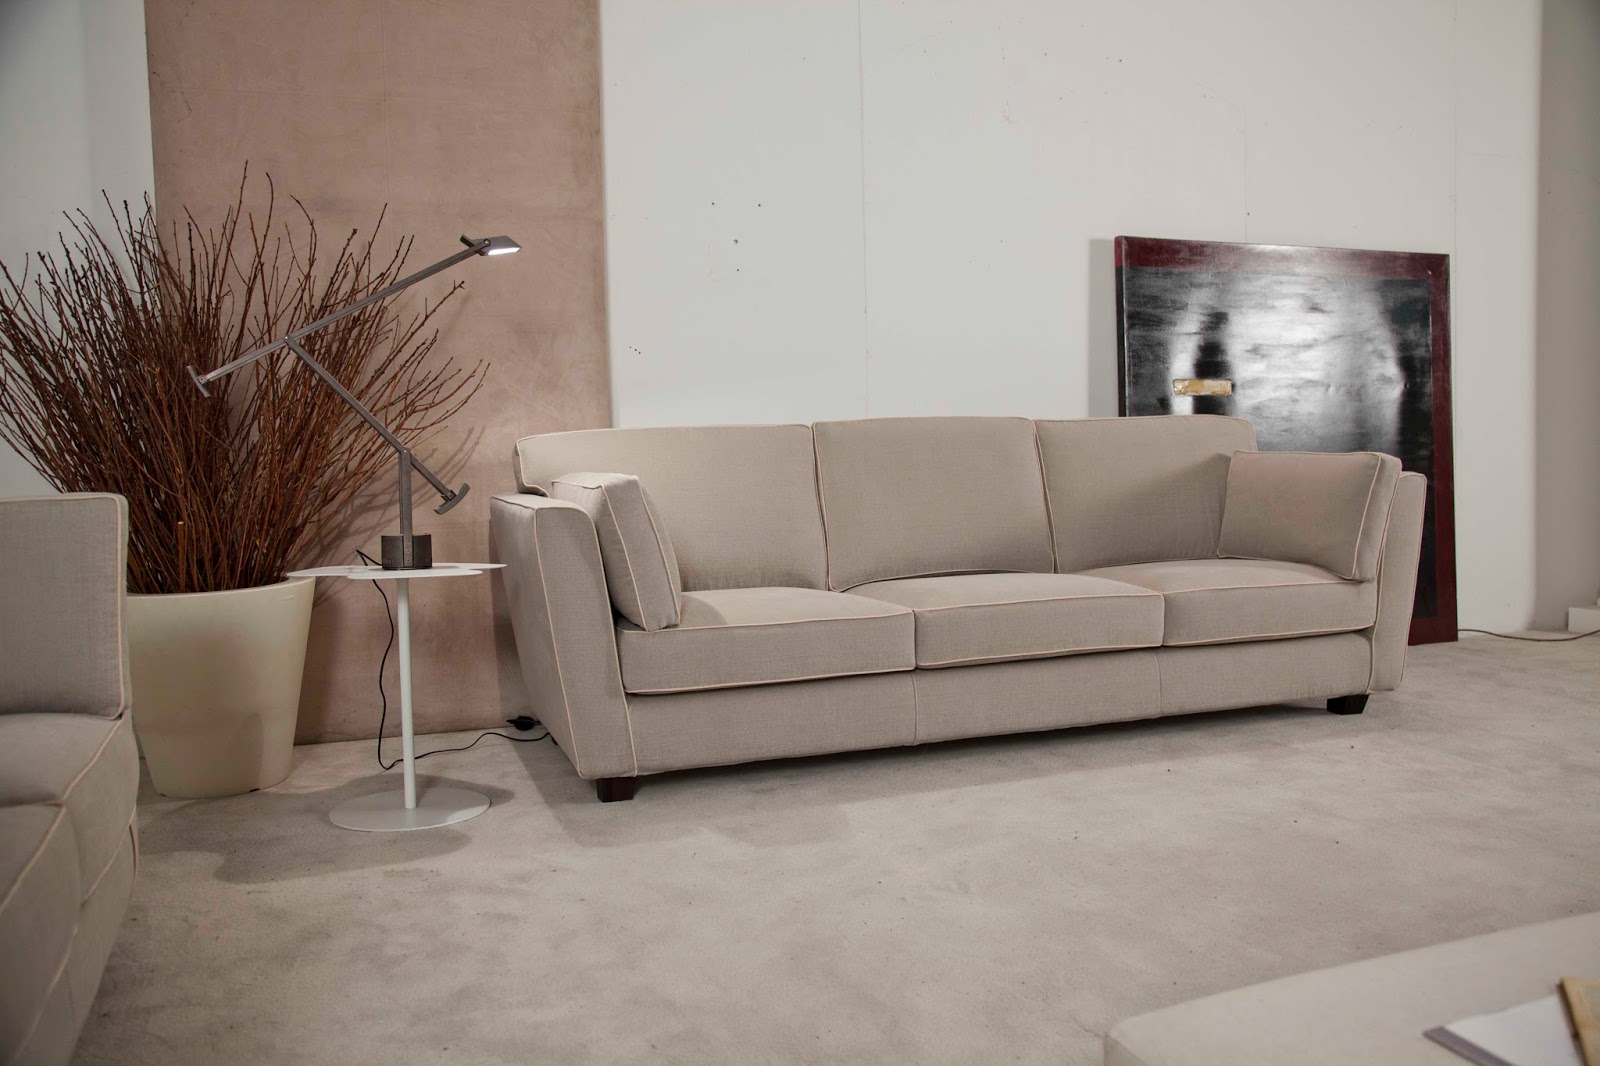 Santambrogio salotti produzione e vendita di divani e letti anche su misura - Divano artigiano milano ...